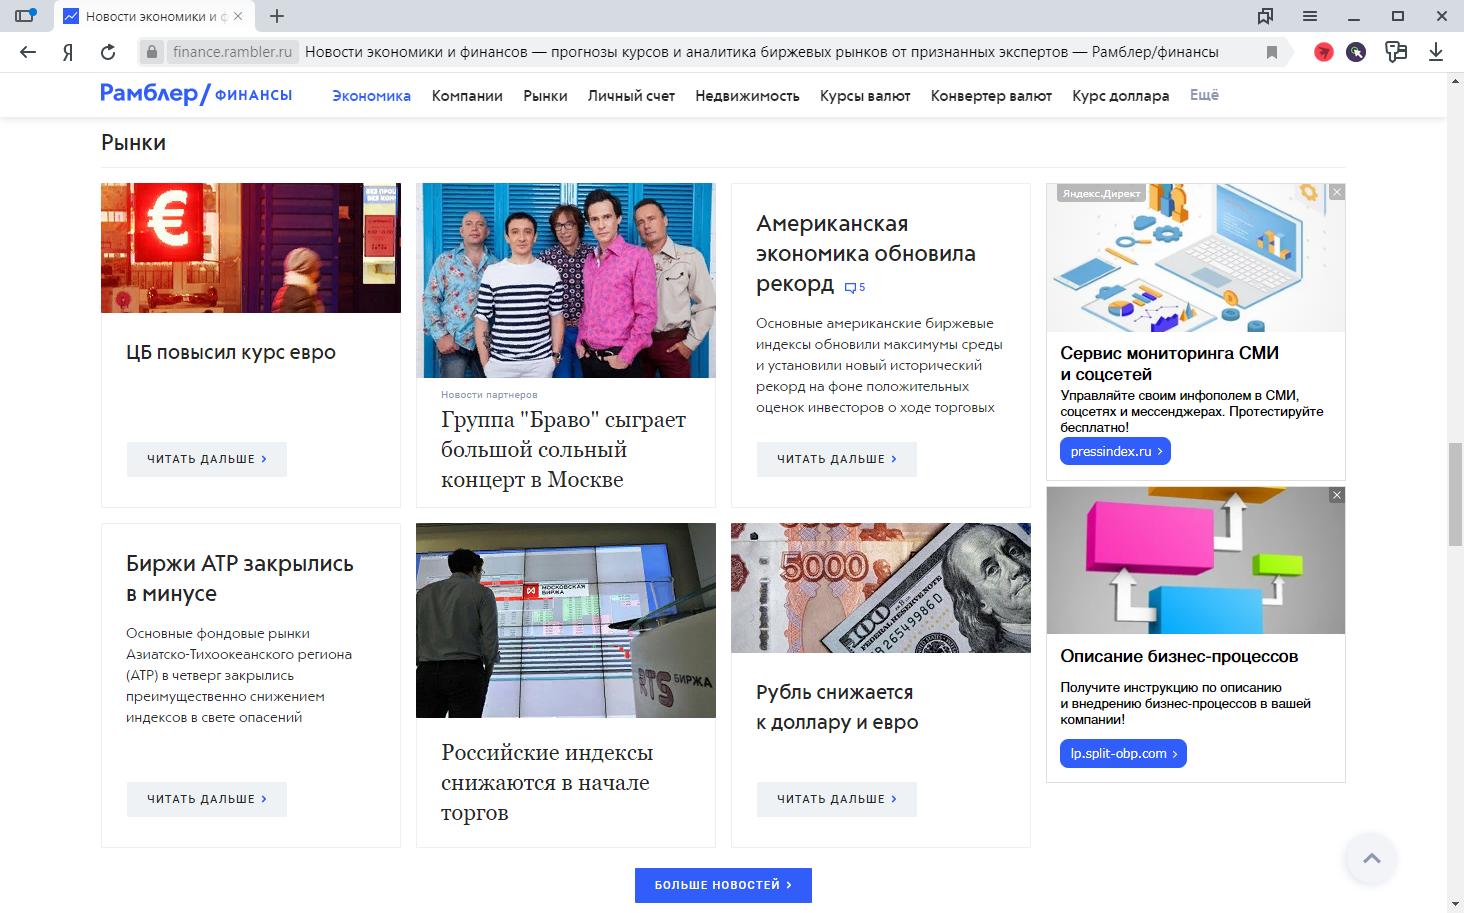 Выбор рубрики для просмотра новостной информации в программной системе Рамблер/новости